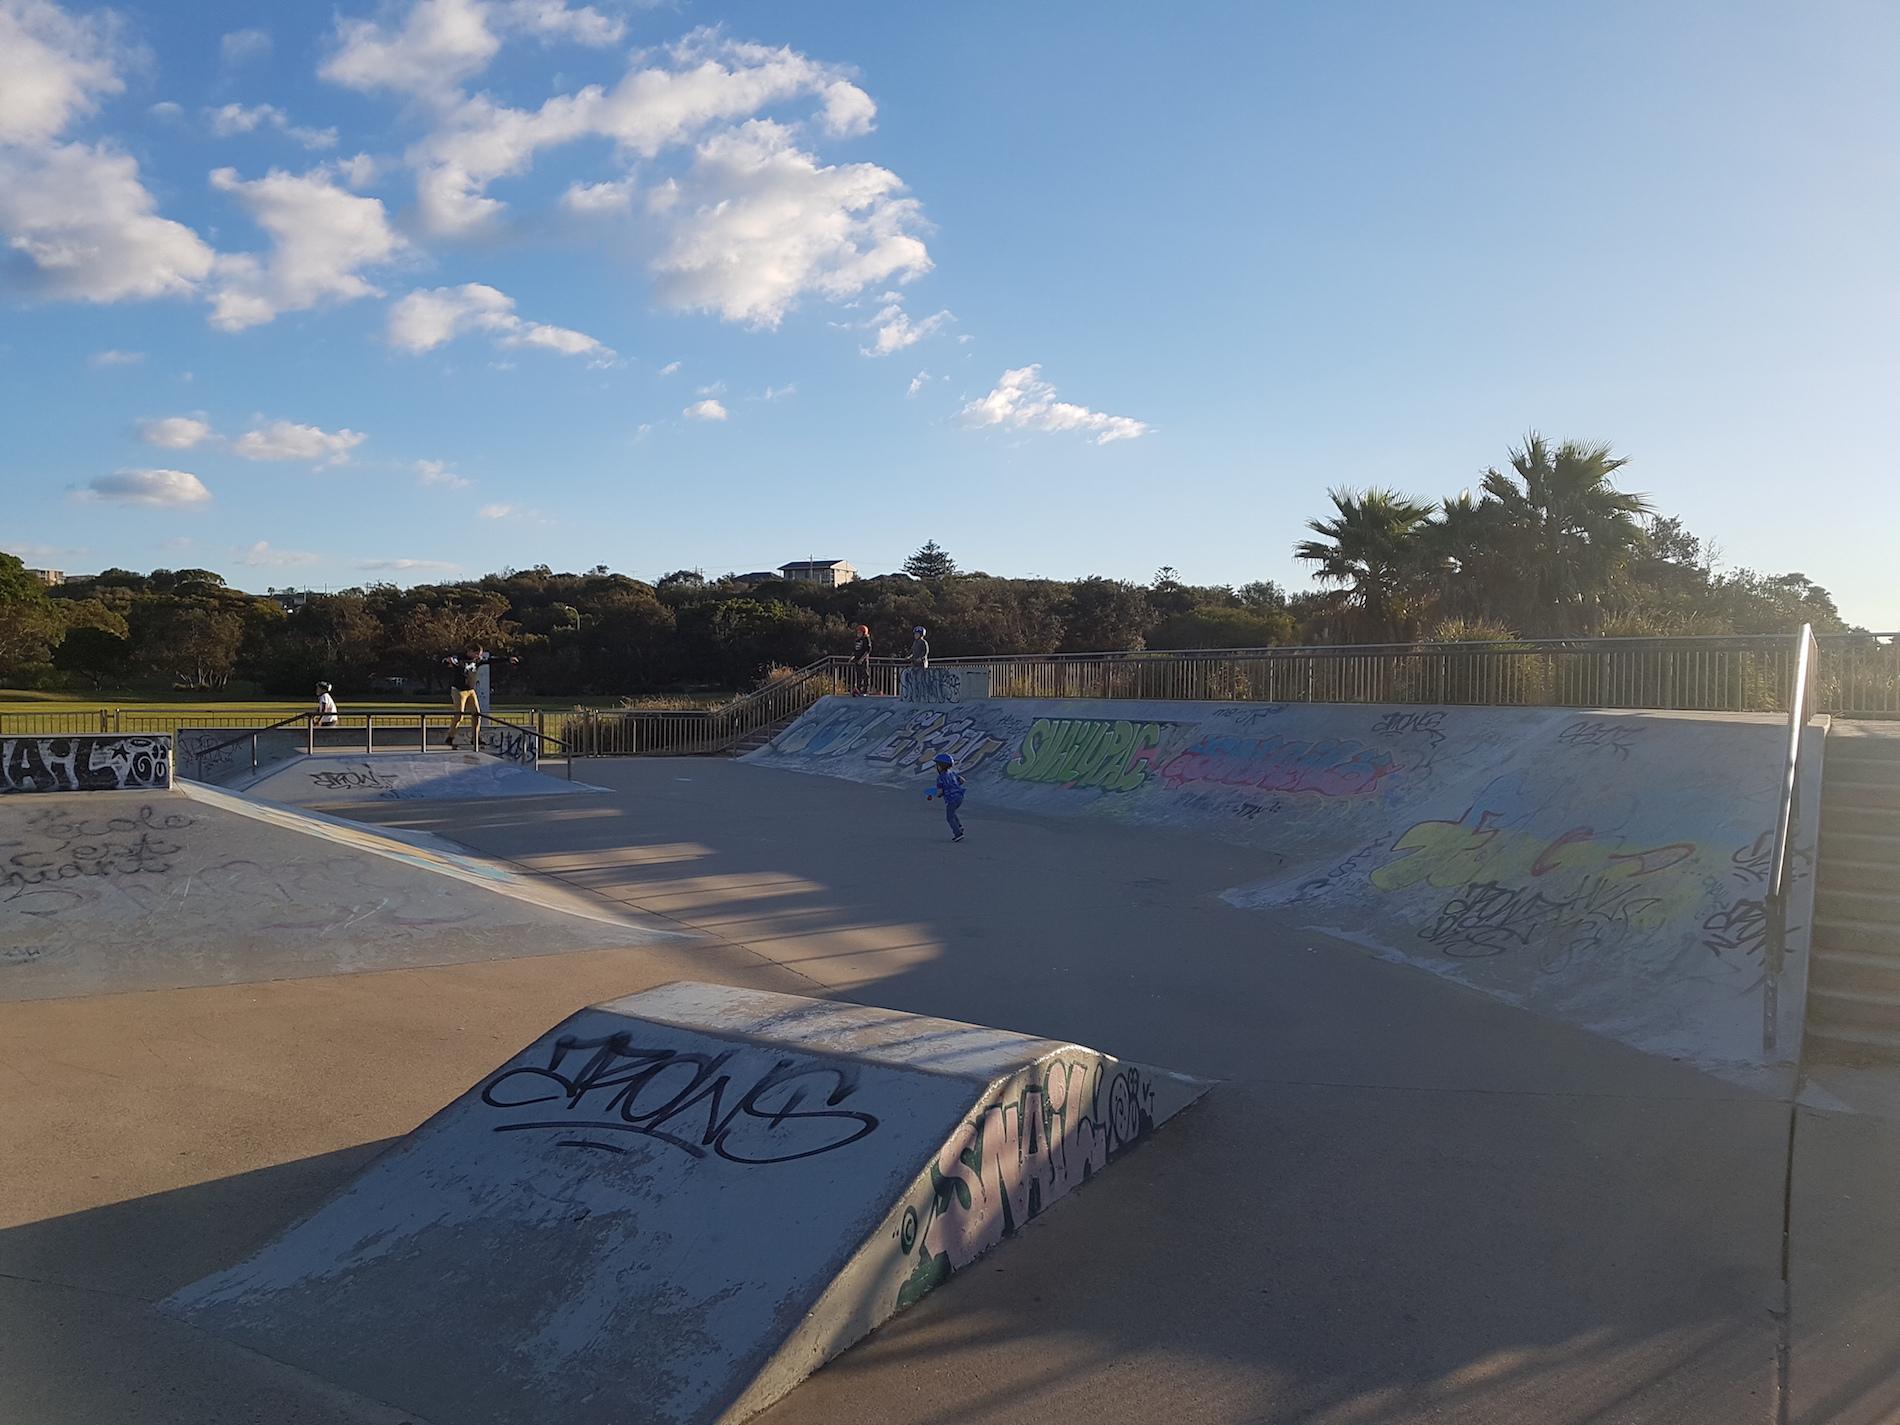 maroubra_SkateParc